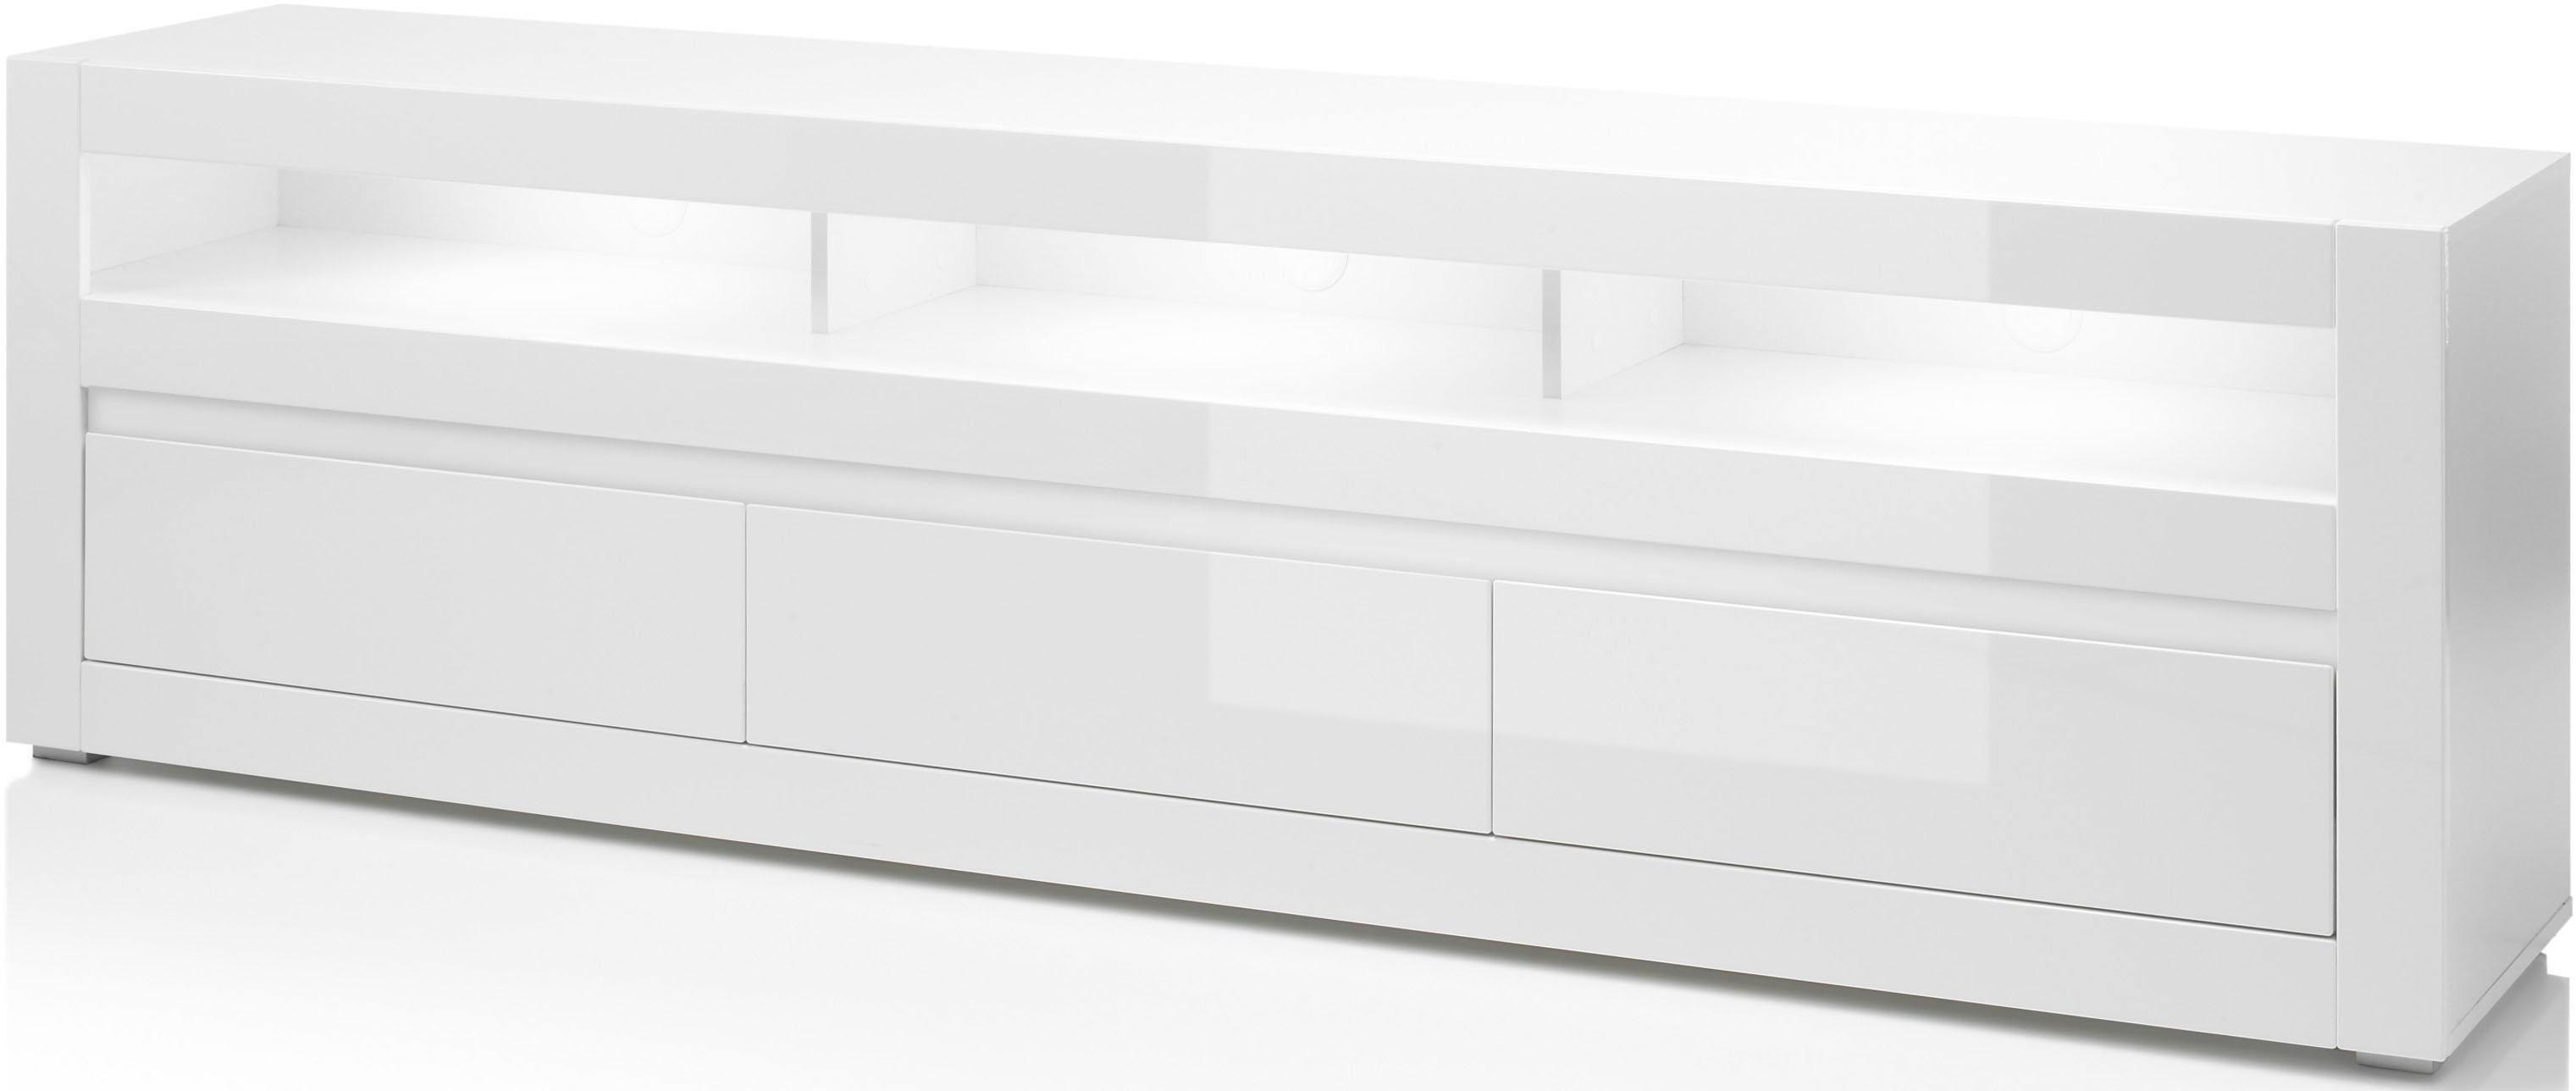 INOSIGN tv-meubel Carat Breedte 217 cm online kopen op otto.nl